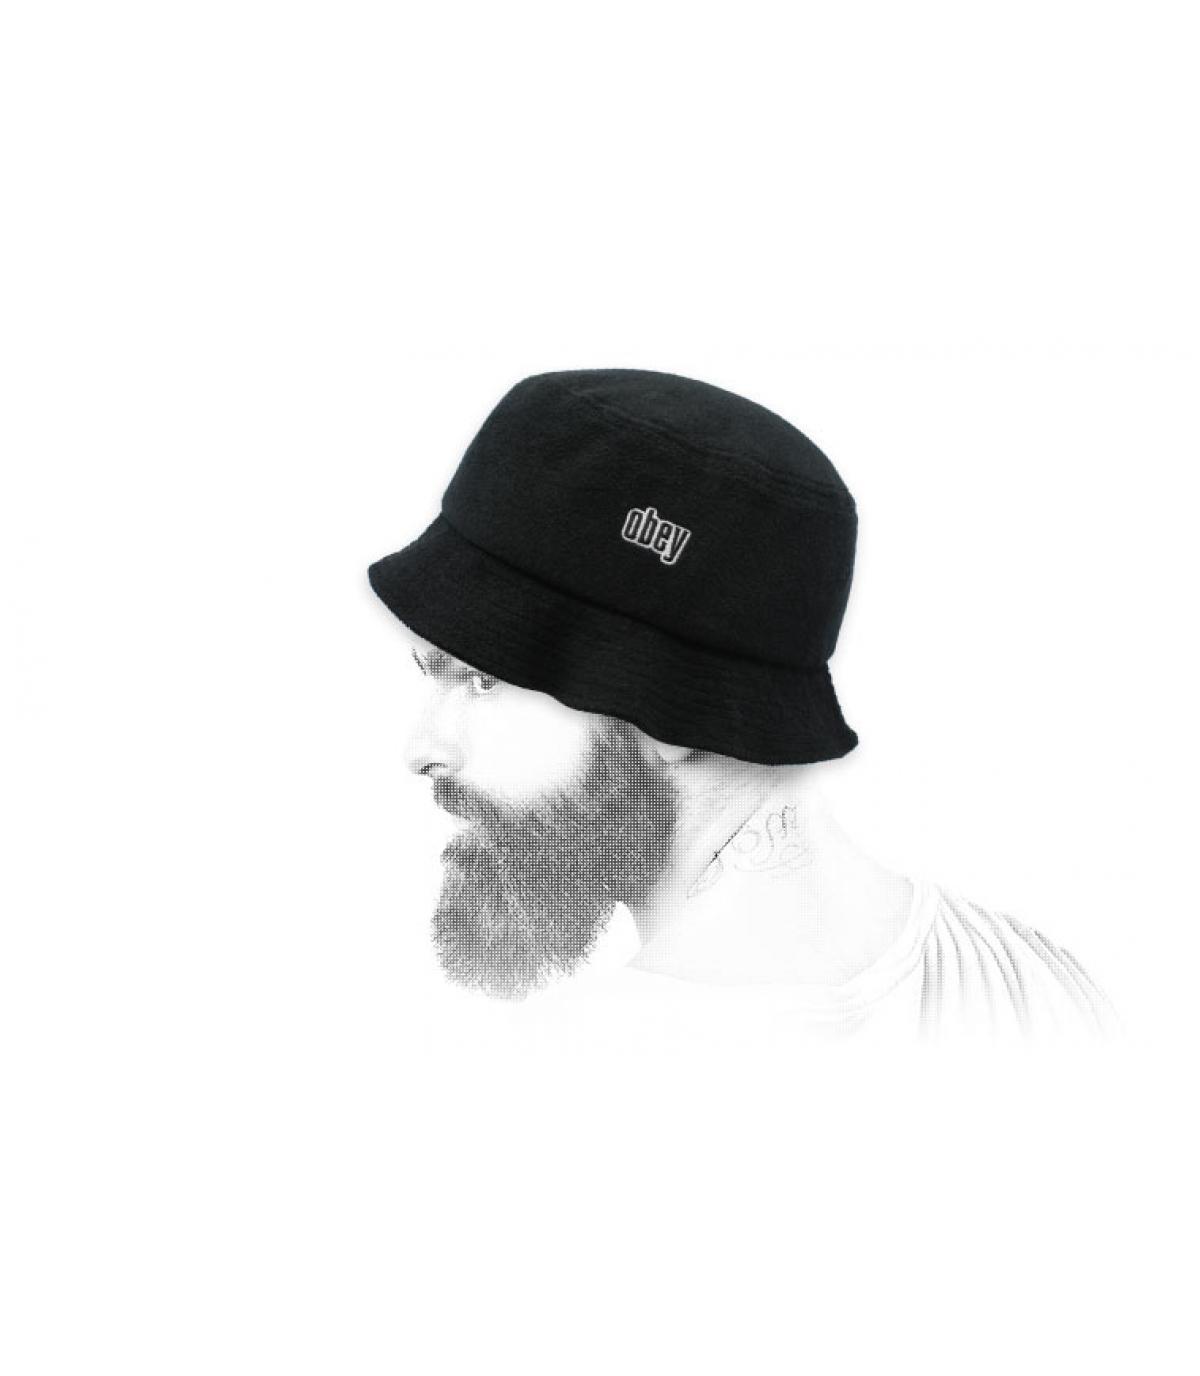 bob Obey noir